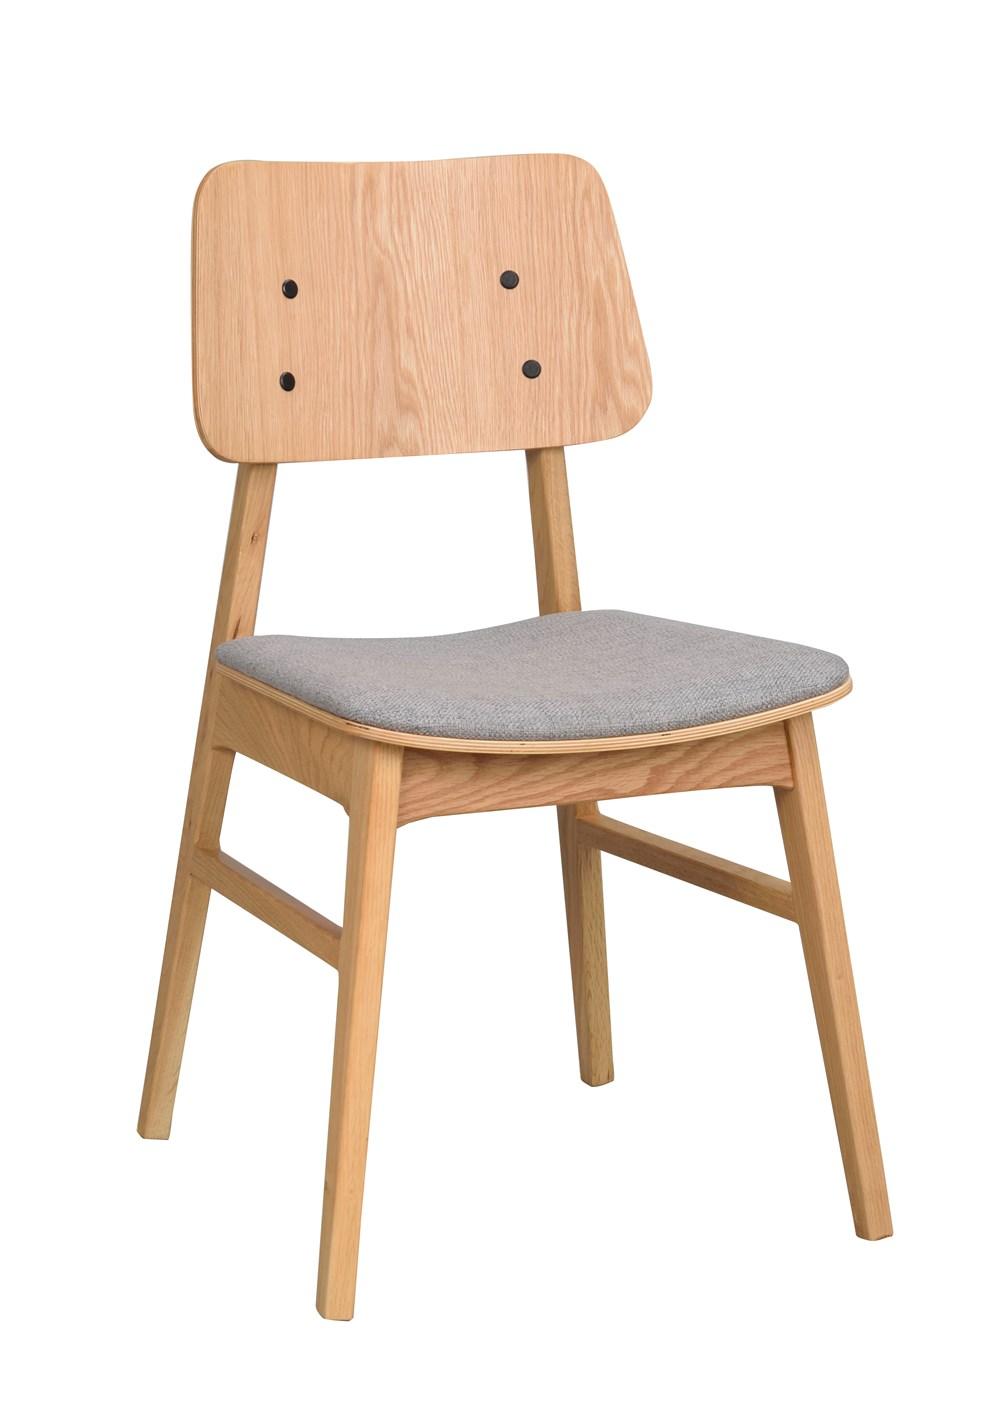 Nagano tuoli tammi/vaalenharmaa